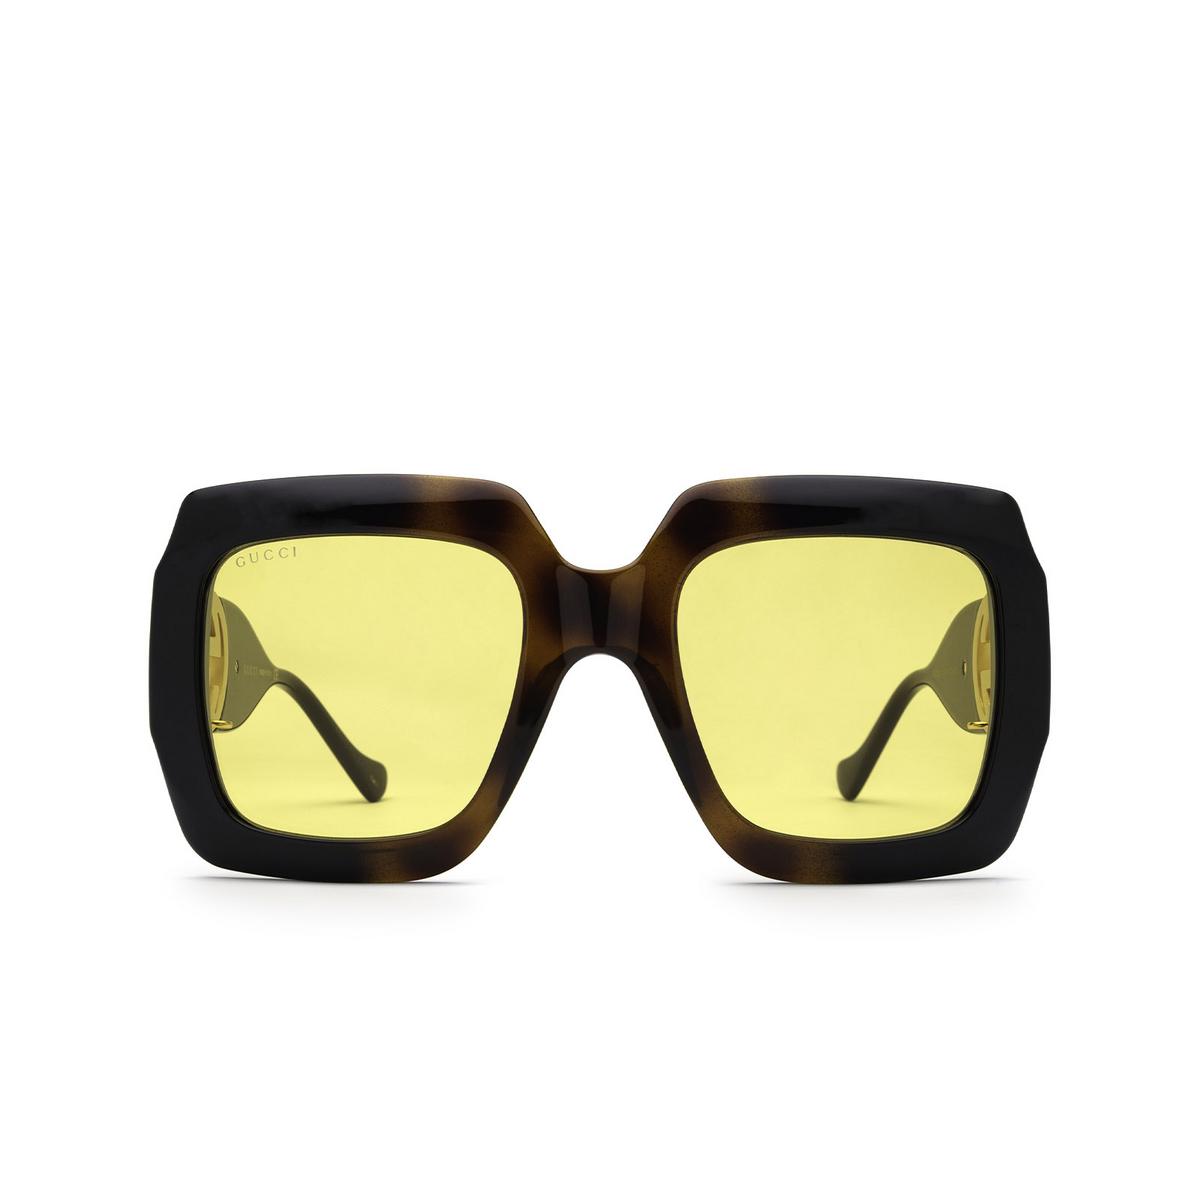 Gucci® Square Sunglasses: GG1022S color Havana & Black 004 - front view.